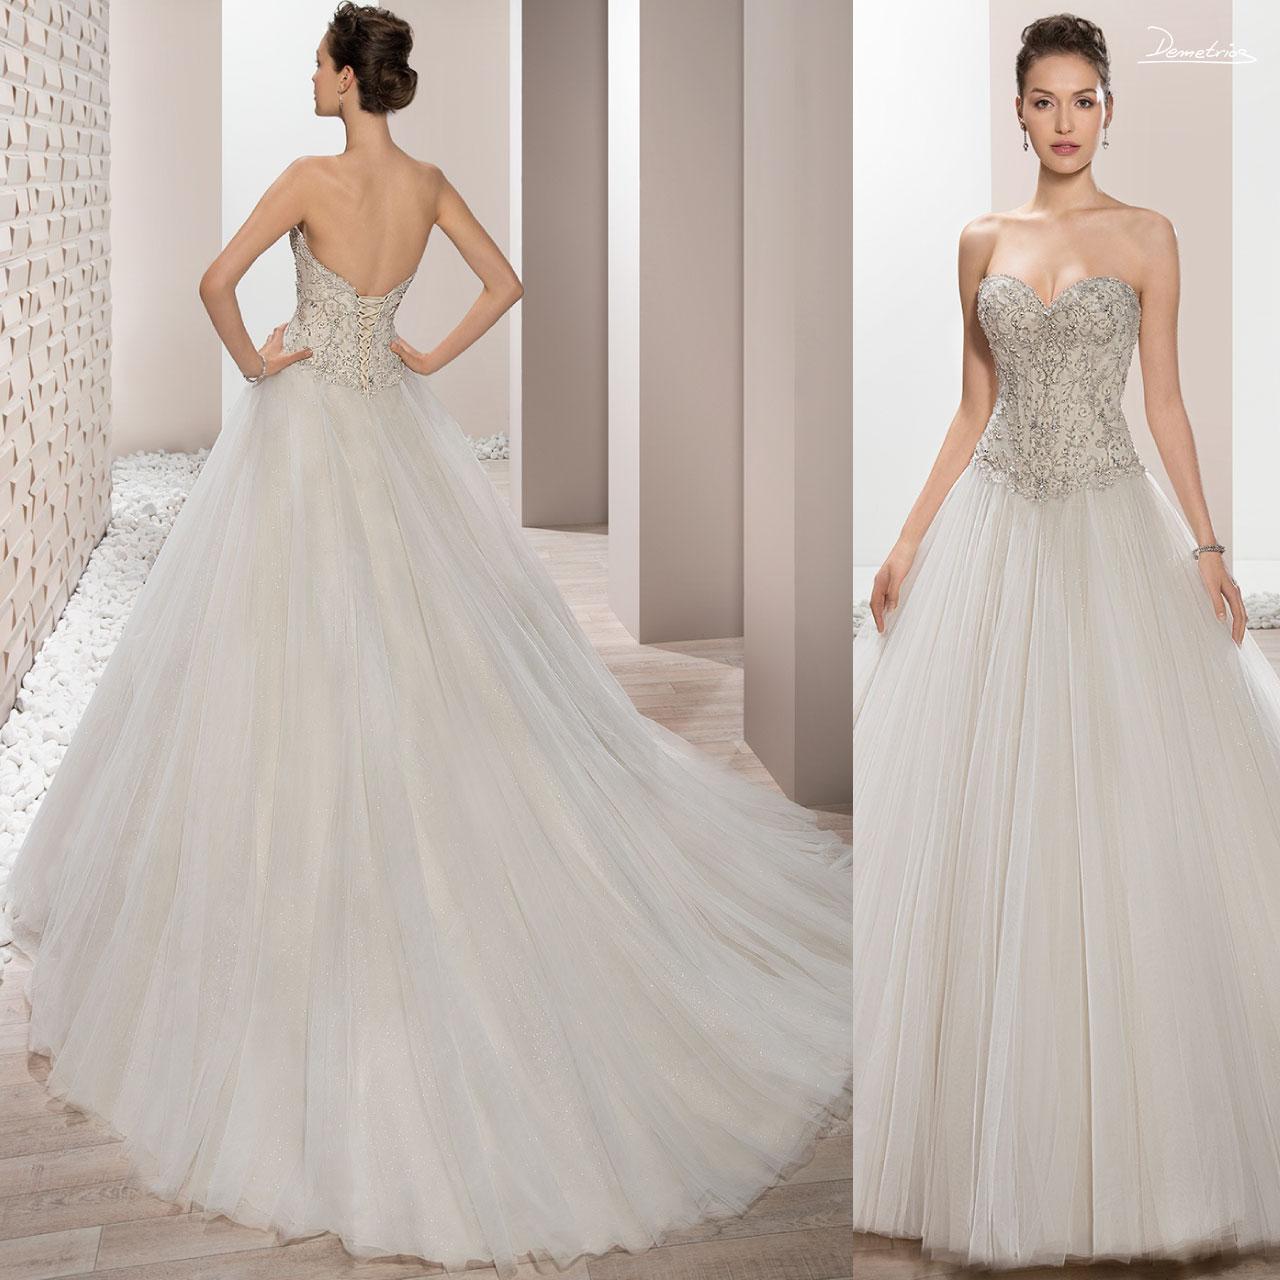 954856ec8ab8 ... Abito sposa da principessa con corpetto in perle e gonna in tulle  bianco a goccia articolo ...